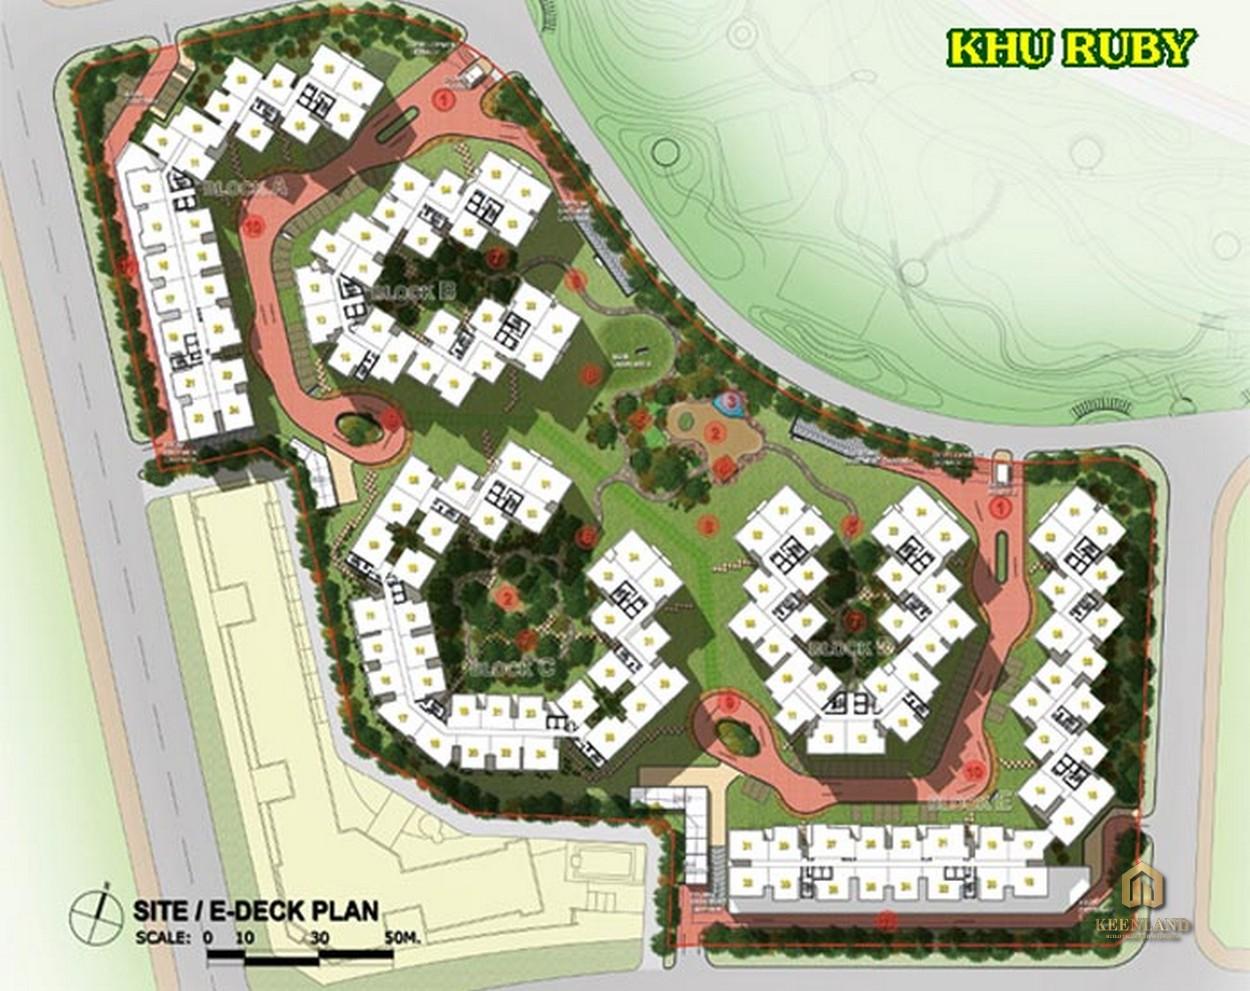 Mặt bằng khu Ruby tại dự án Celadon City